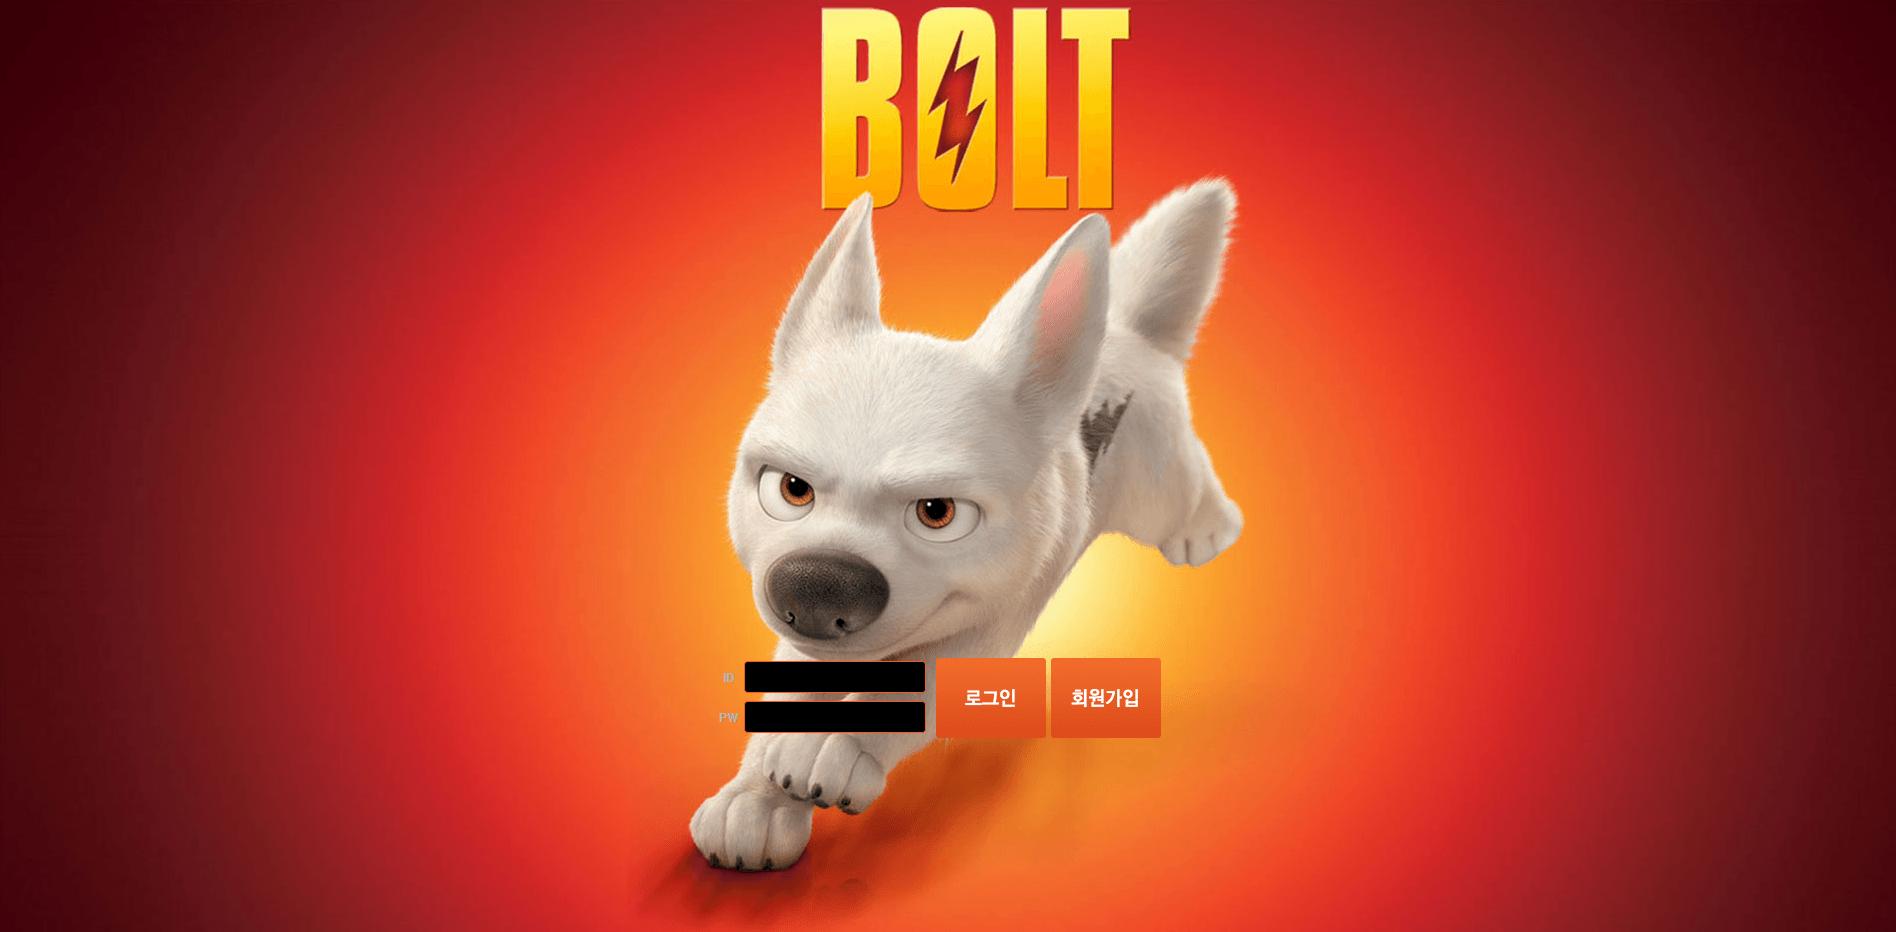 [먹튀검증]볼트(Bolt)먹튀사이트확정bolt-7647.com먹튀검증업체 토토안내소